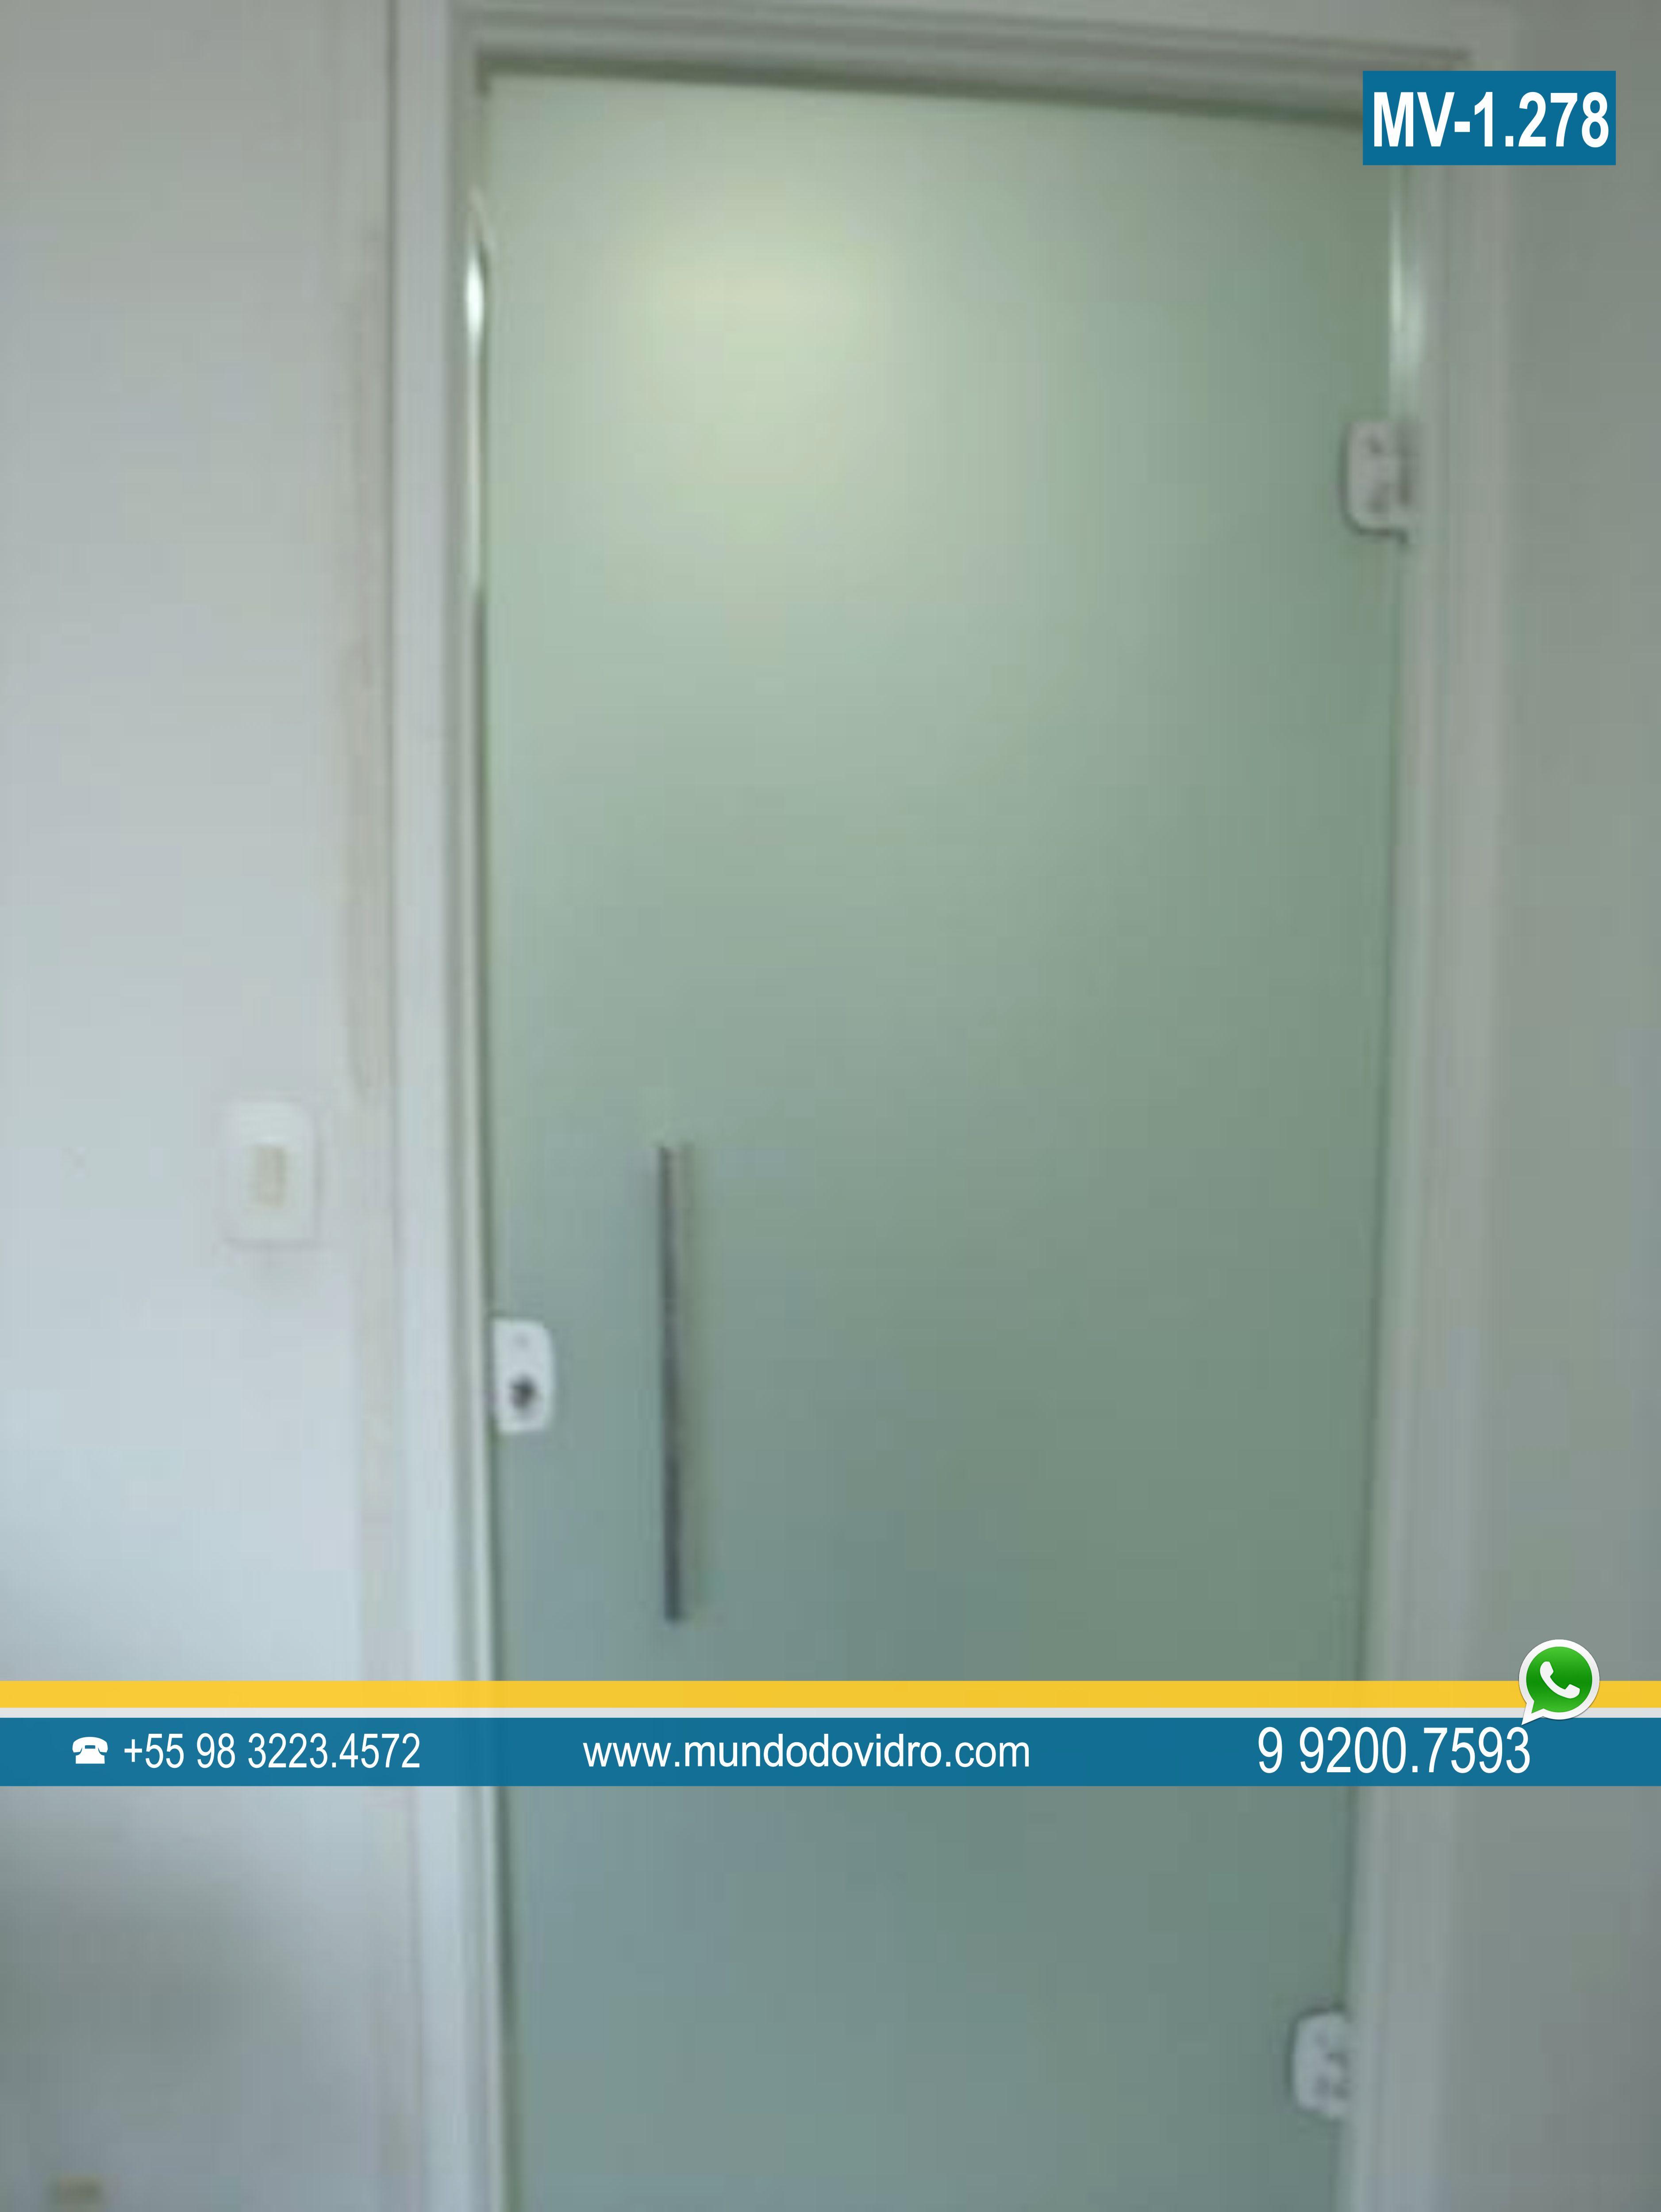 #C29709 Porta de vidro Portas de vidro temperado em São Luís MA 114 Janelas De Vidro Em São Luis